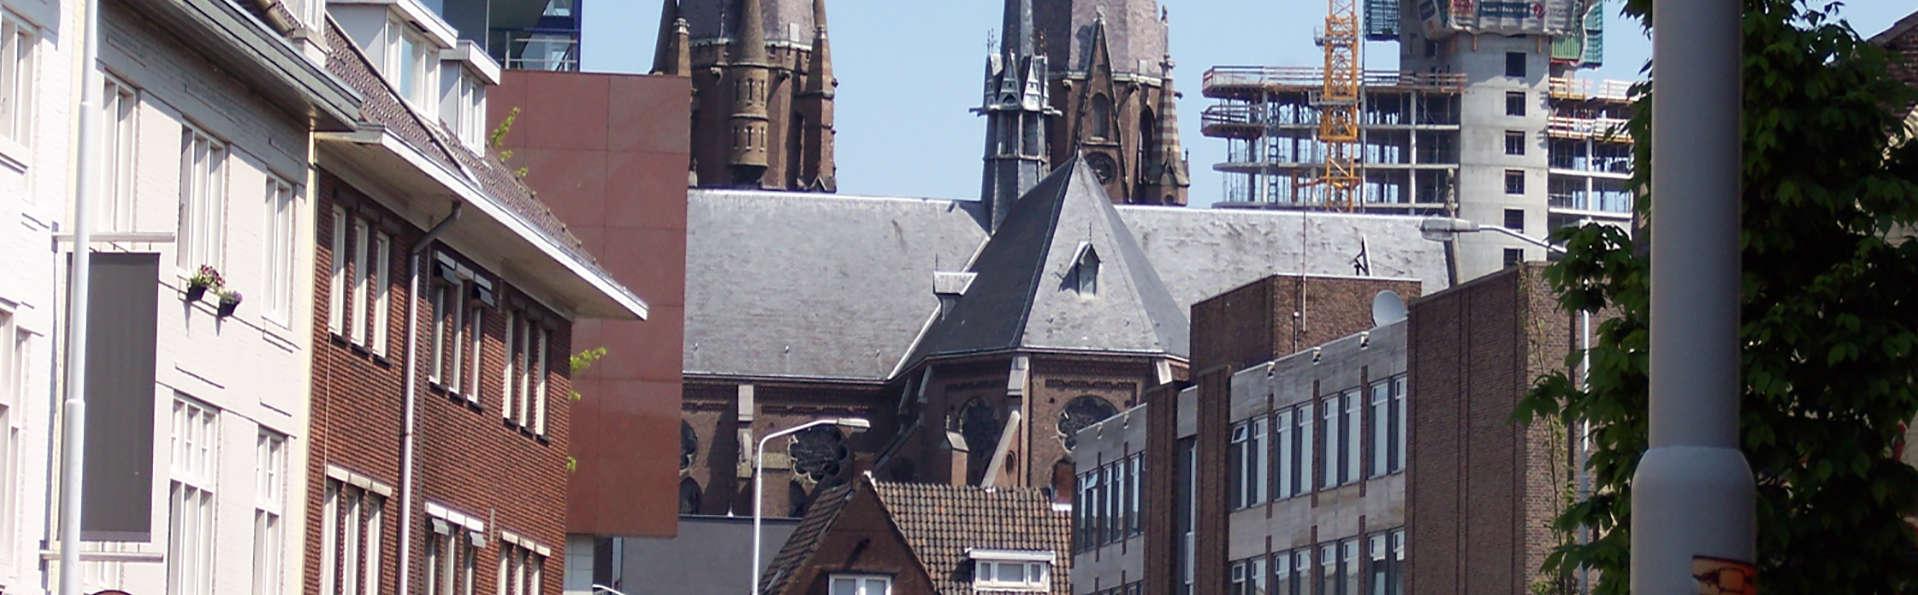 Best Western Eindhoven - EDIT_destination.jpg